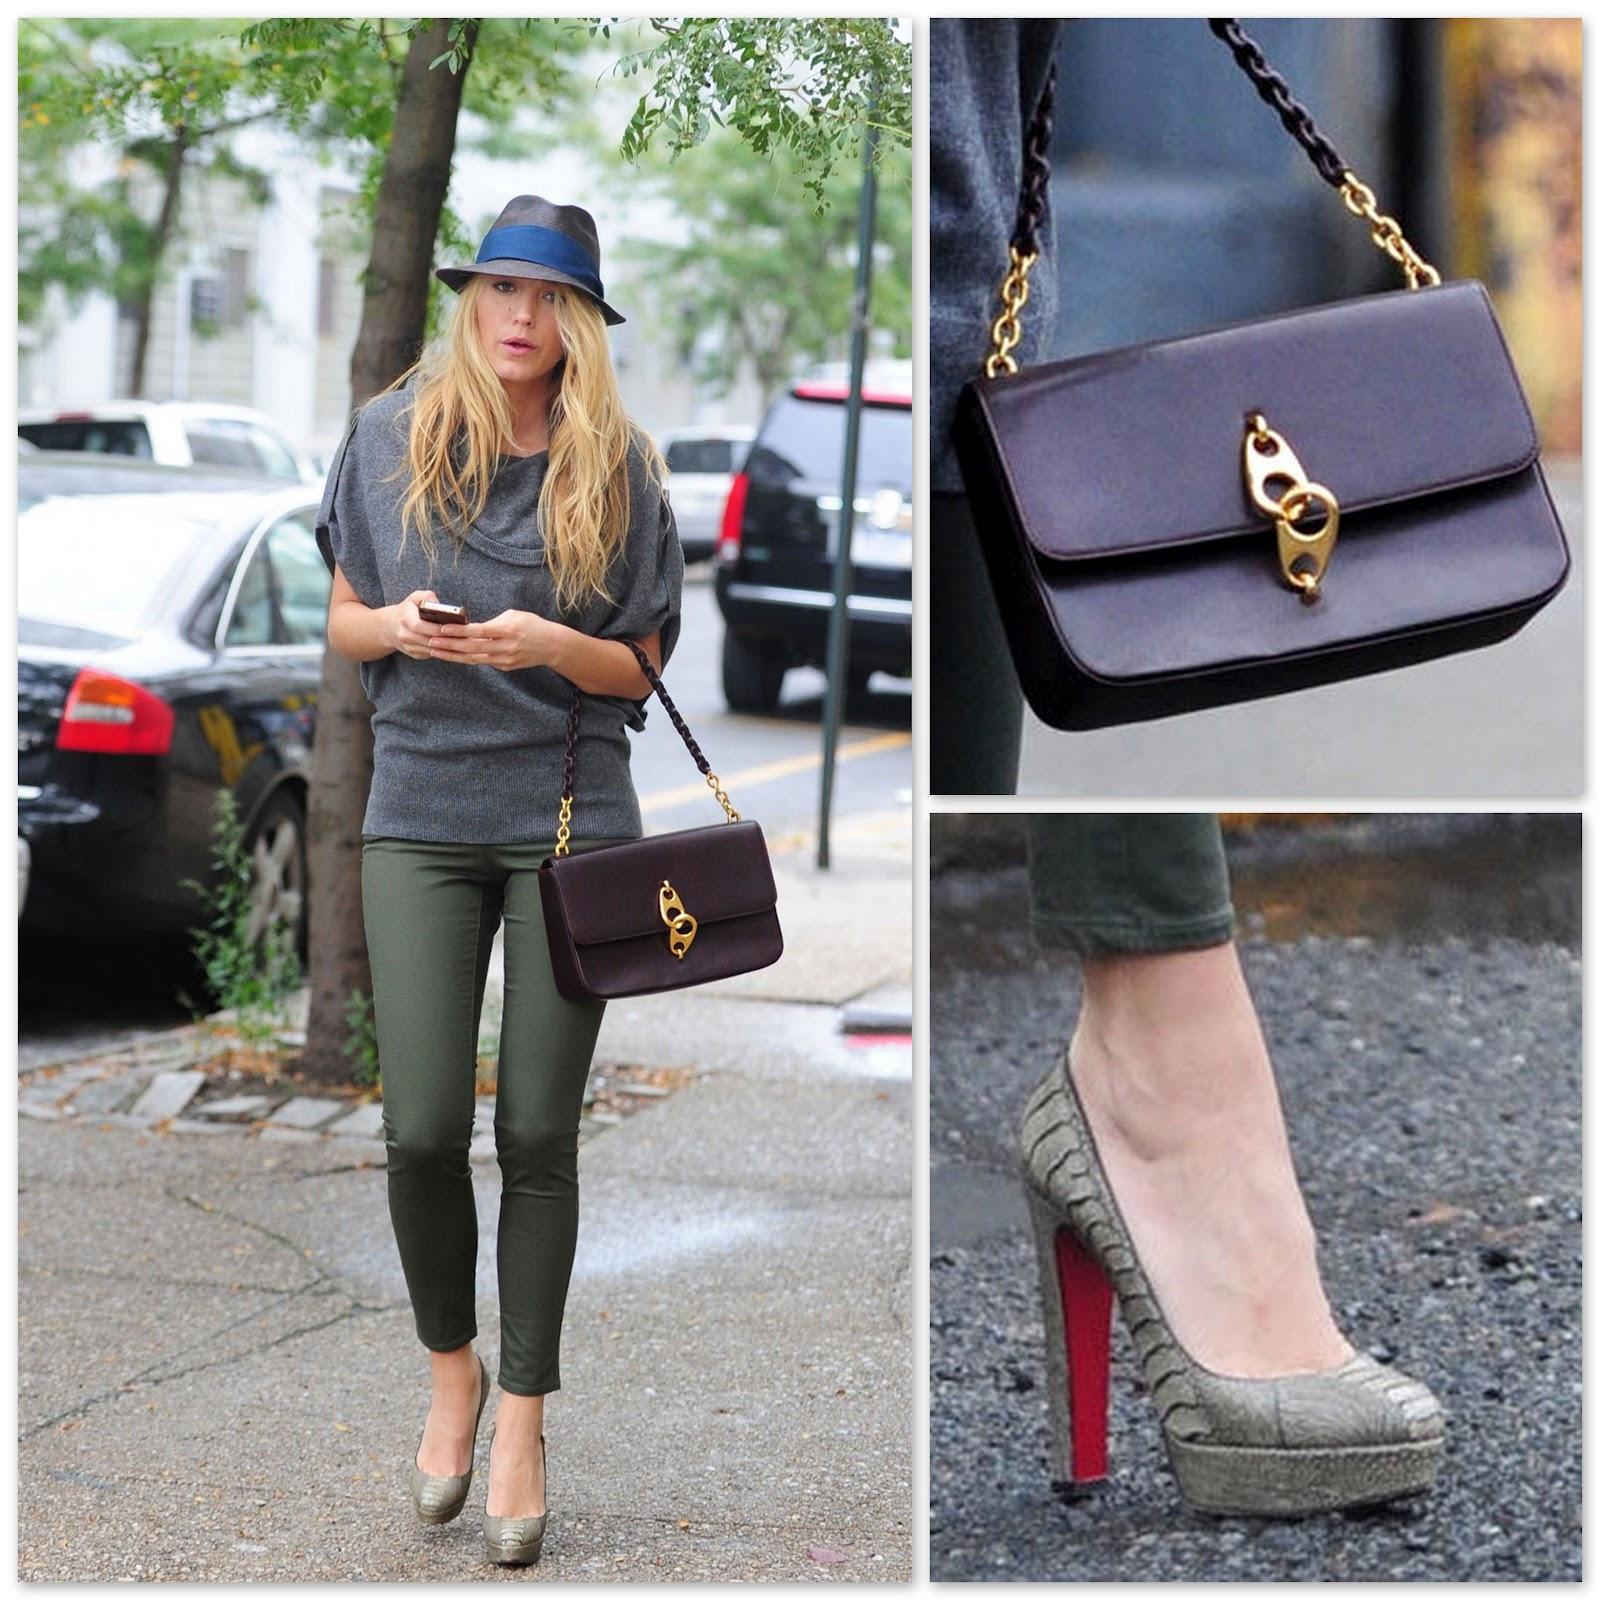 http://3.bp.blogspot.com/-wPo5x_DLBNo/UGko84qB5vI/AAAAAAAAIHw/irz5BcB1R4s/s1600/best+dressed1.jpg